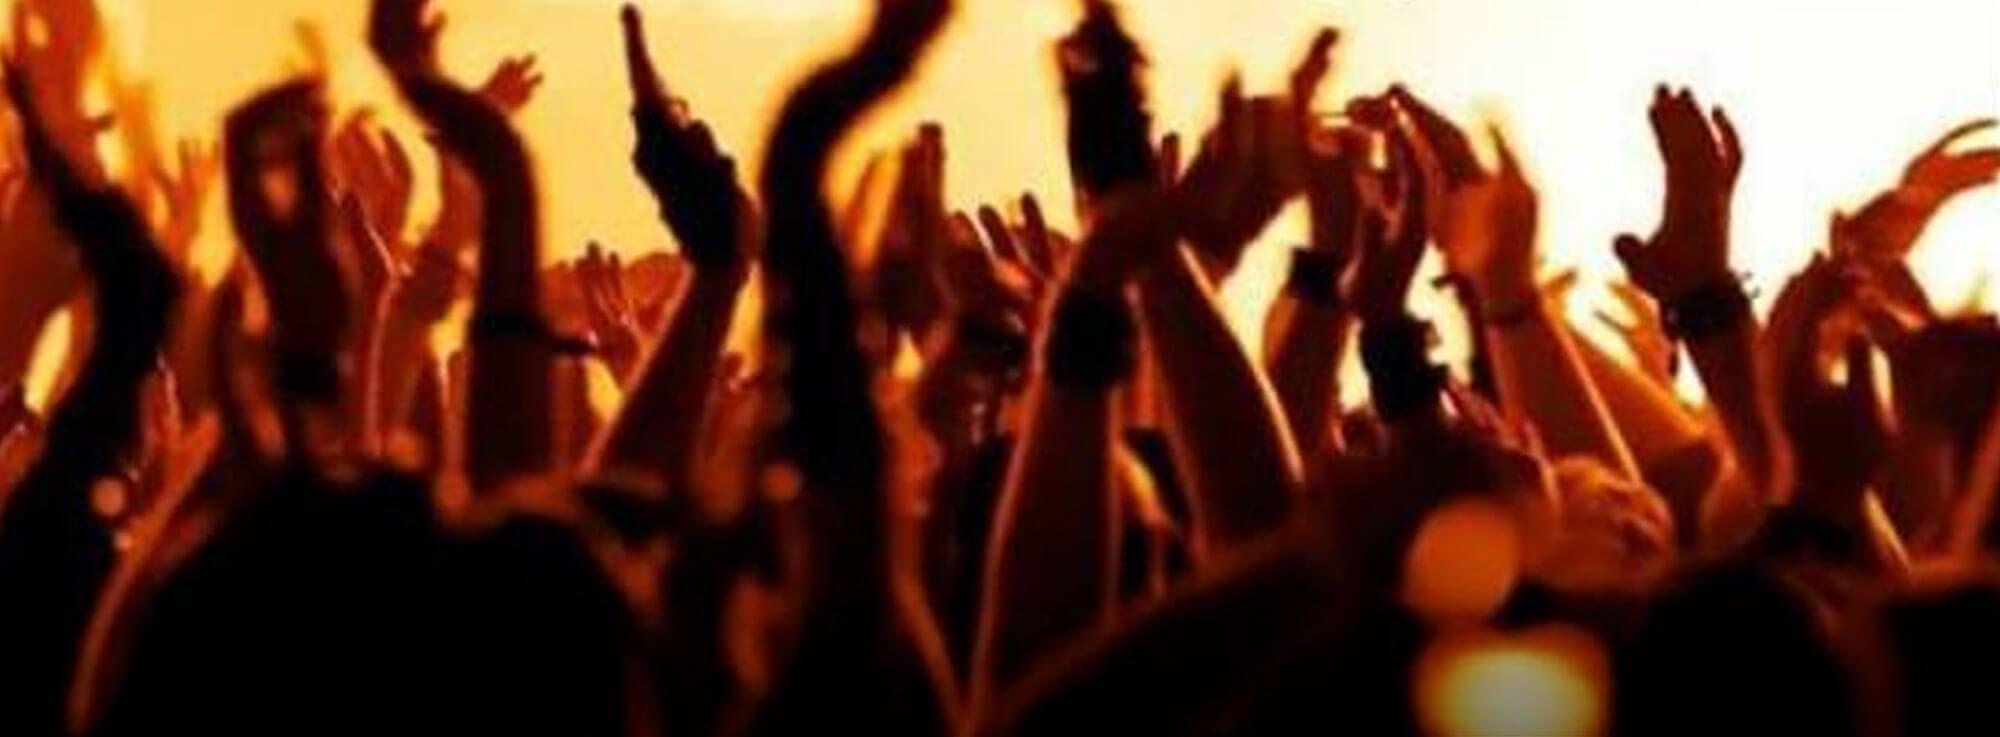 Barletta: Rockfestraid